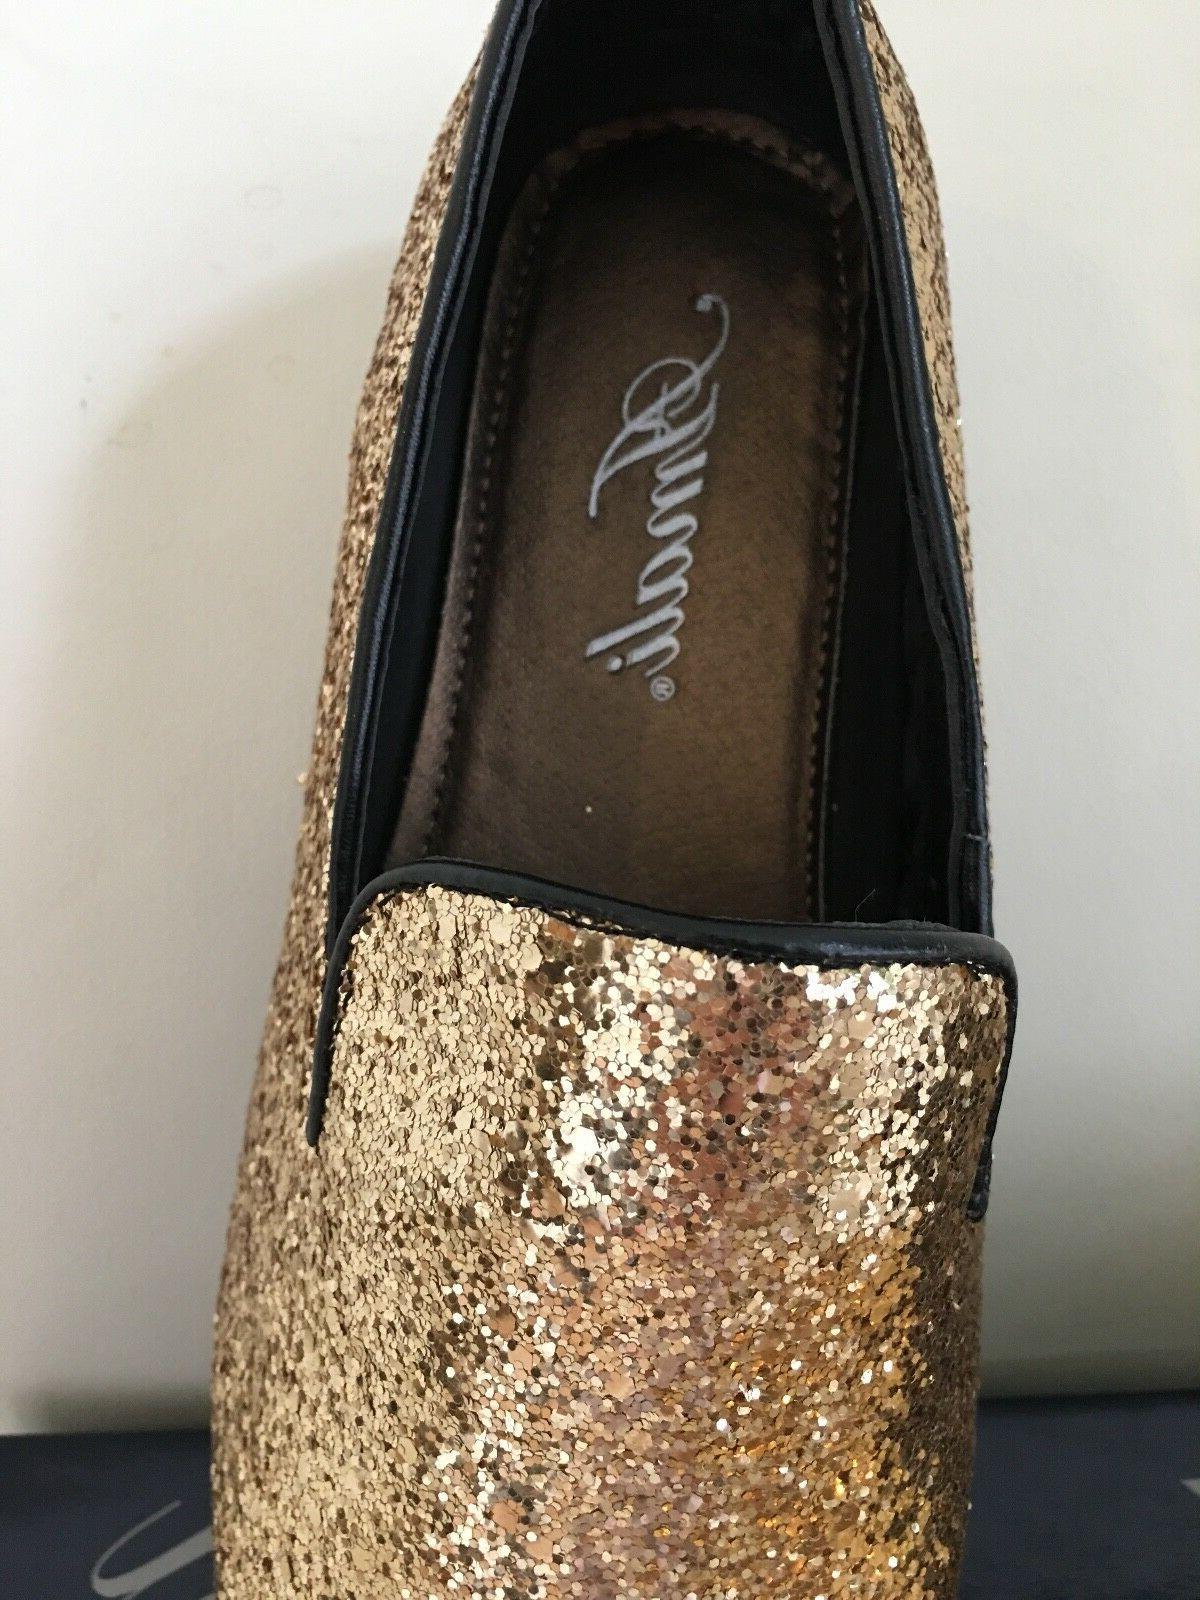 Amali Loafer On Wedding Fashionable Shoes.